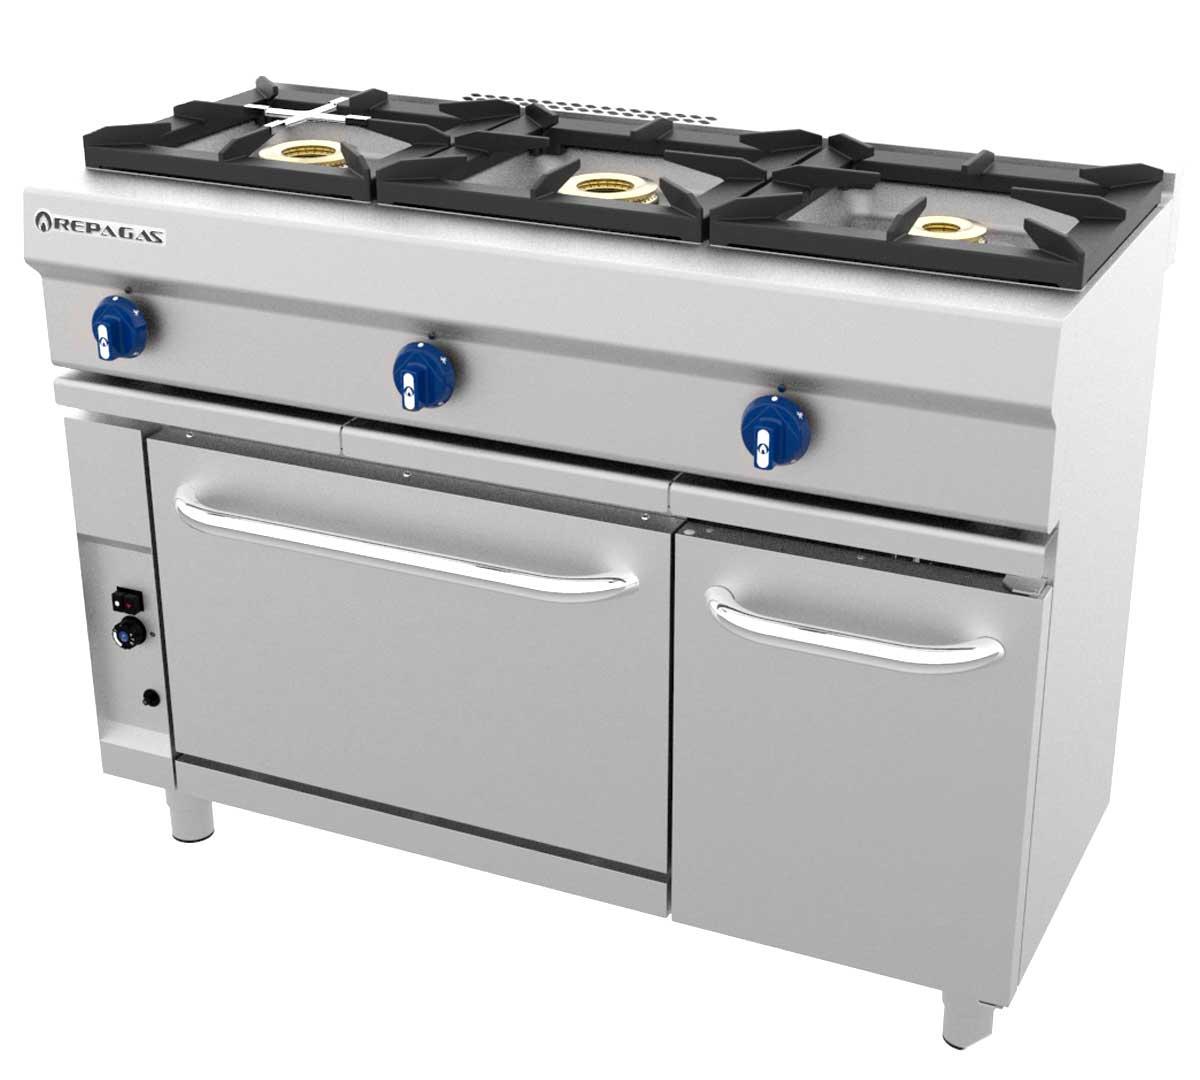 Cocina serie 550 modular horno de repagas - Fogones a gas ...